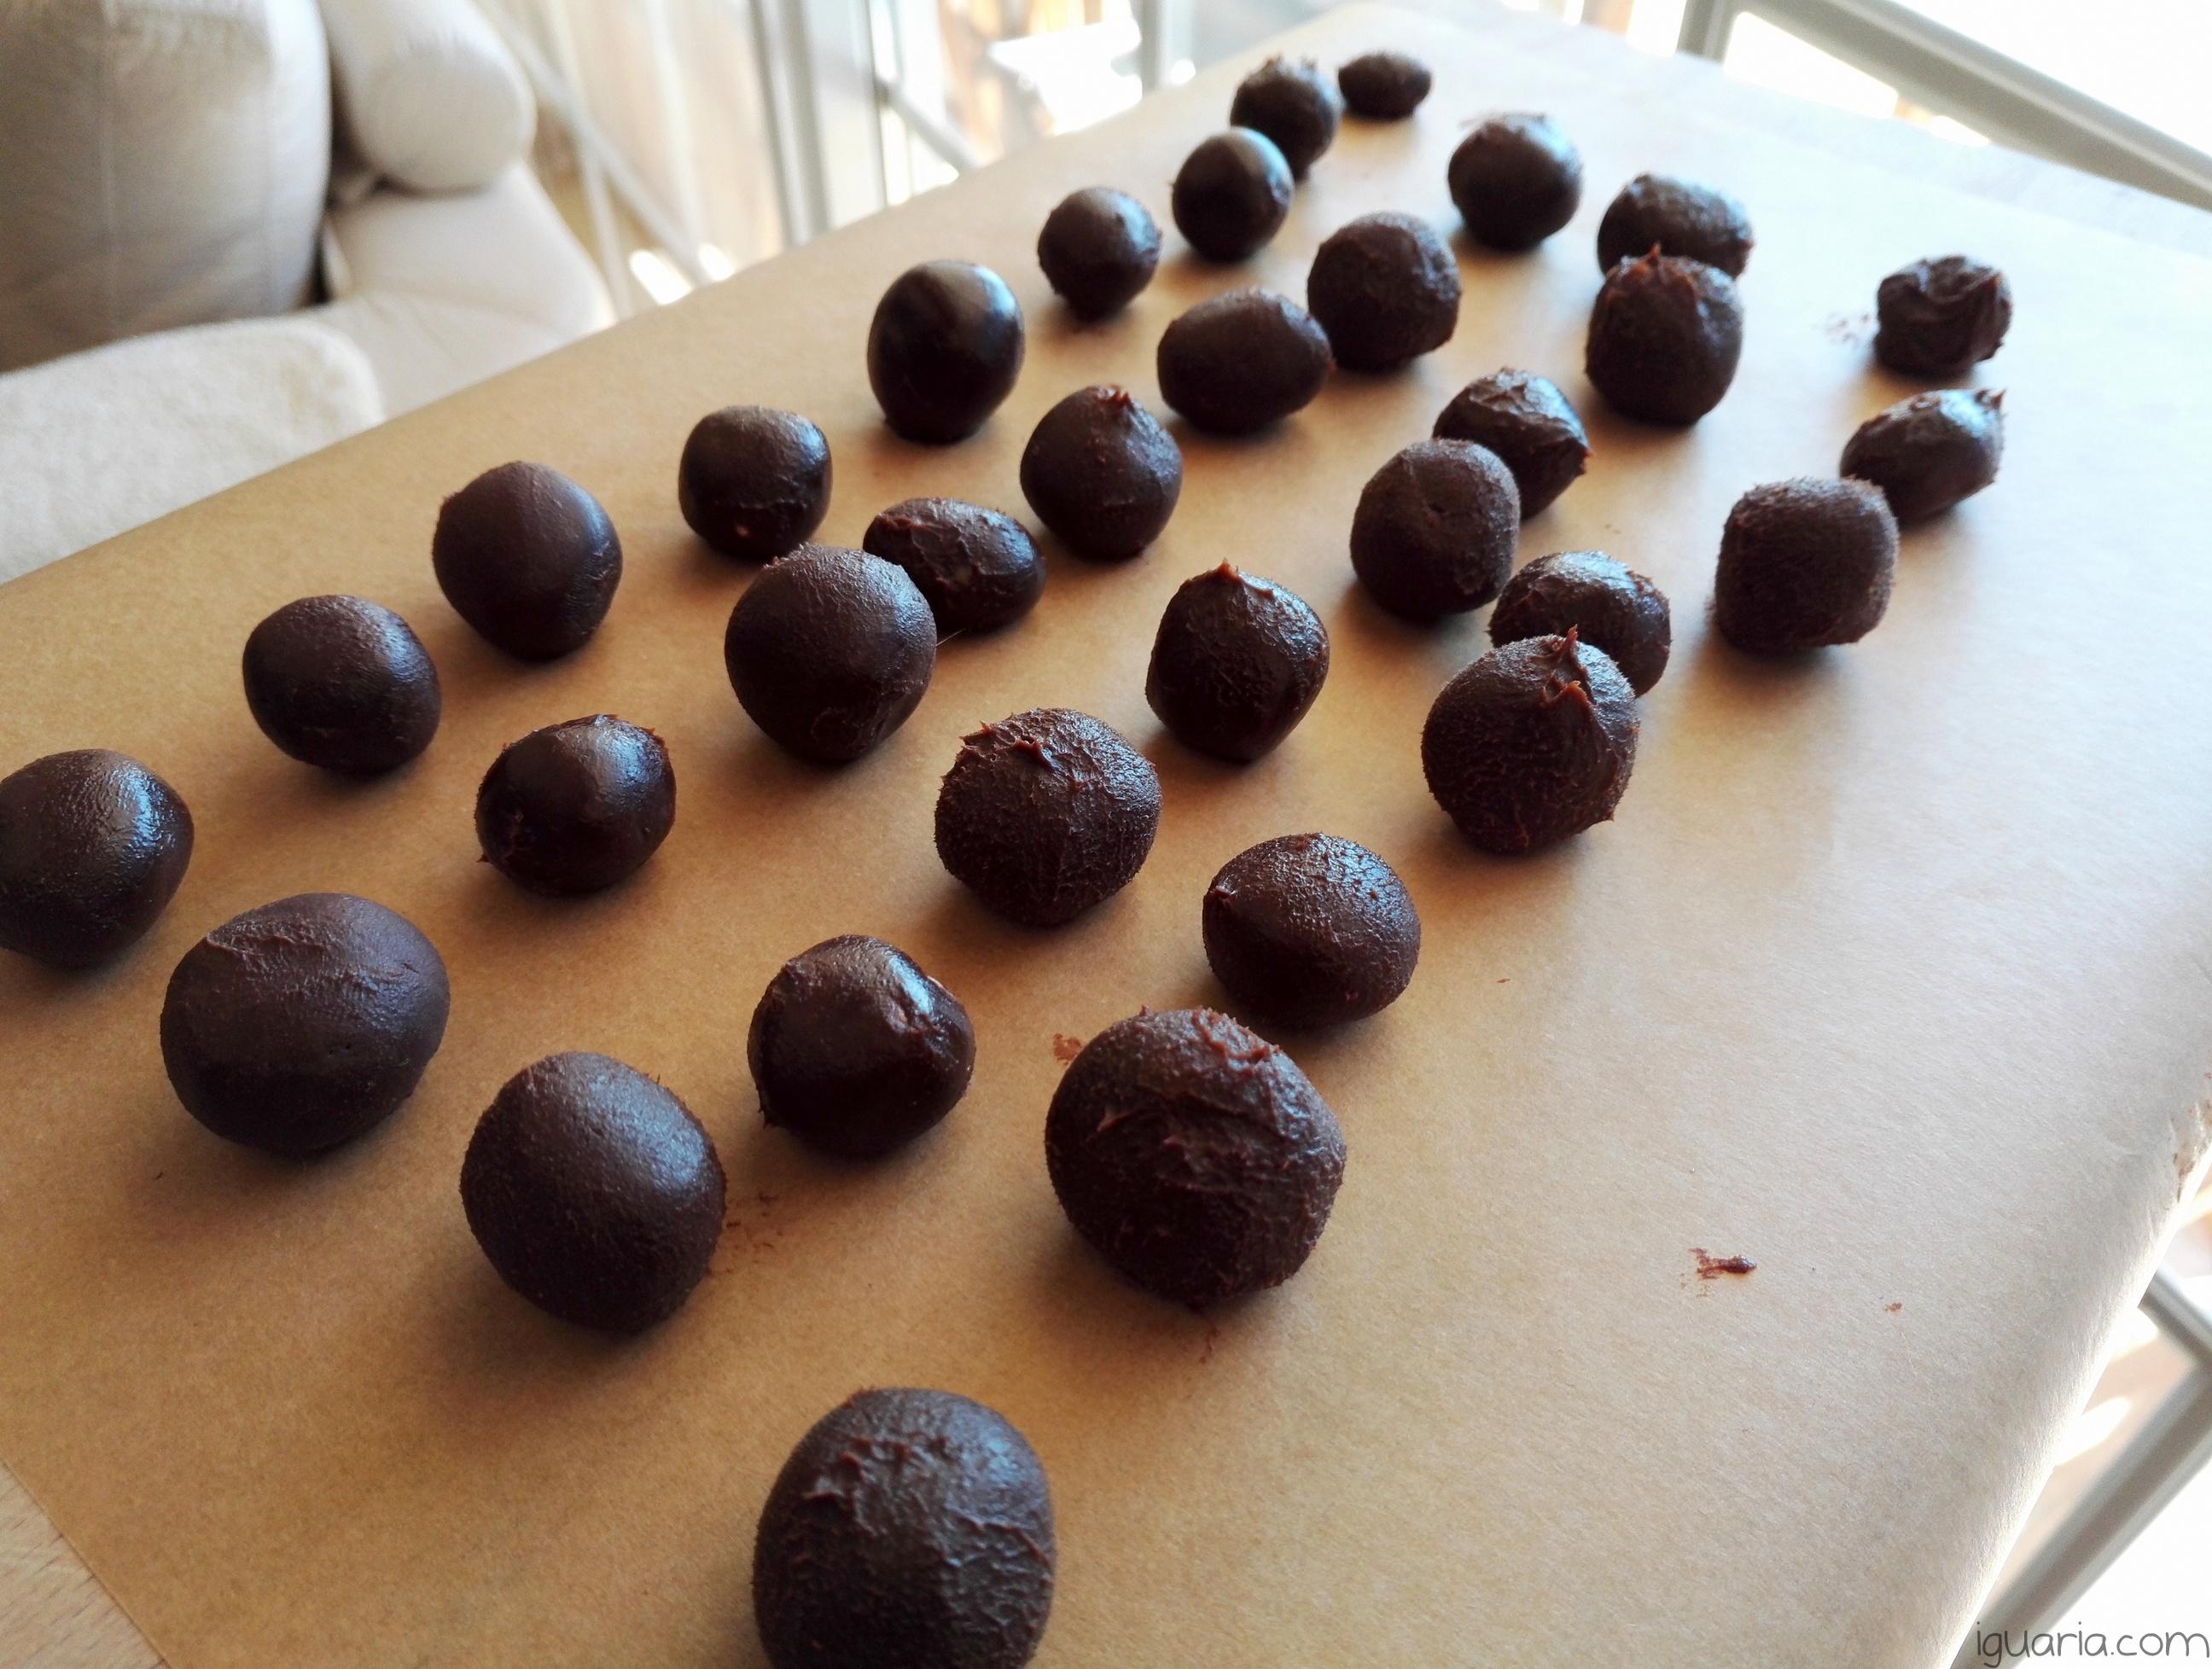 iguaria-trufas-de-chocolate-e-amendoa